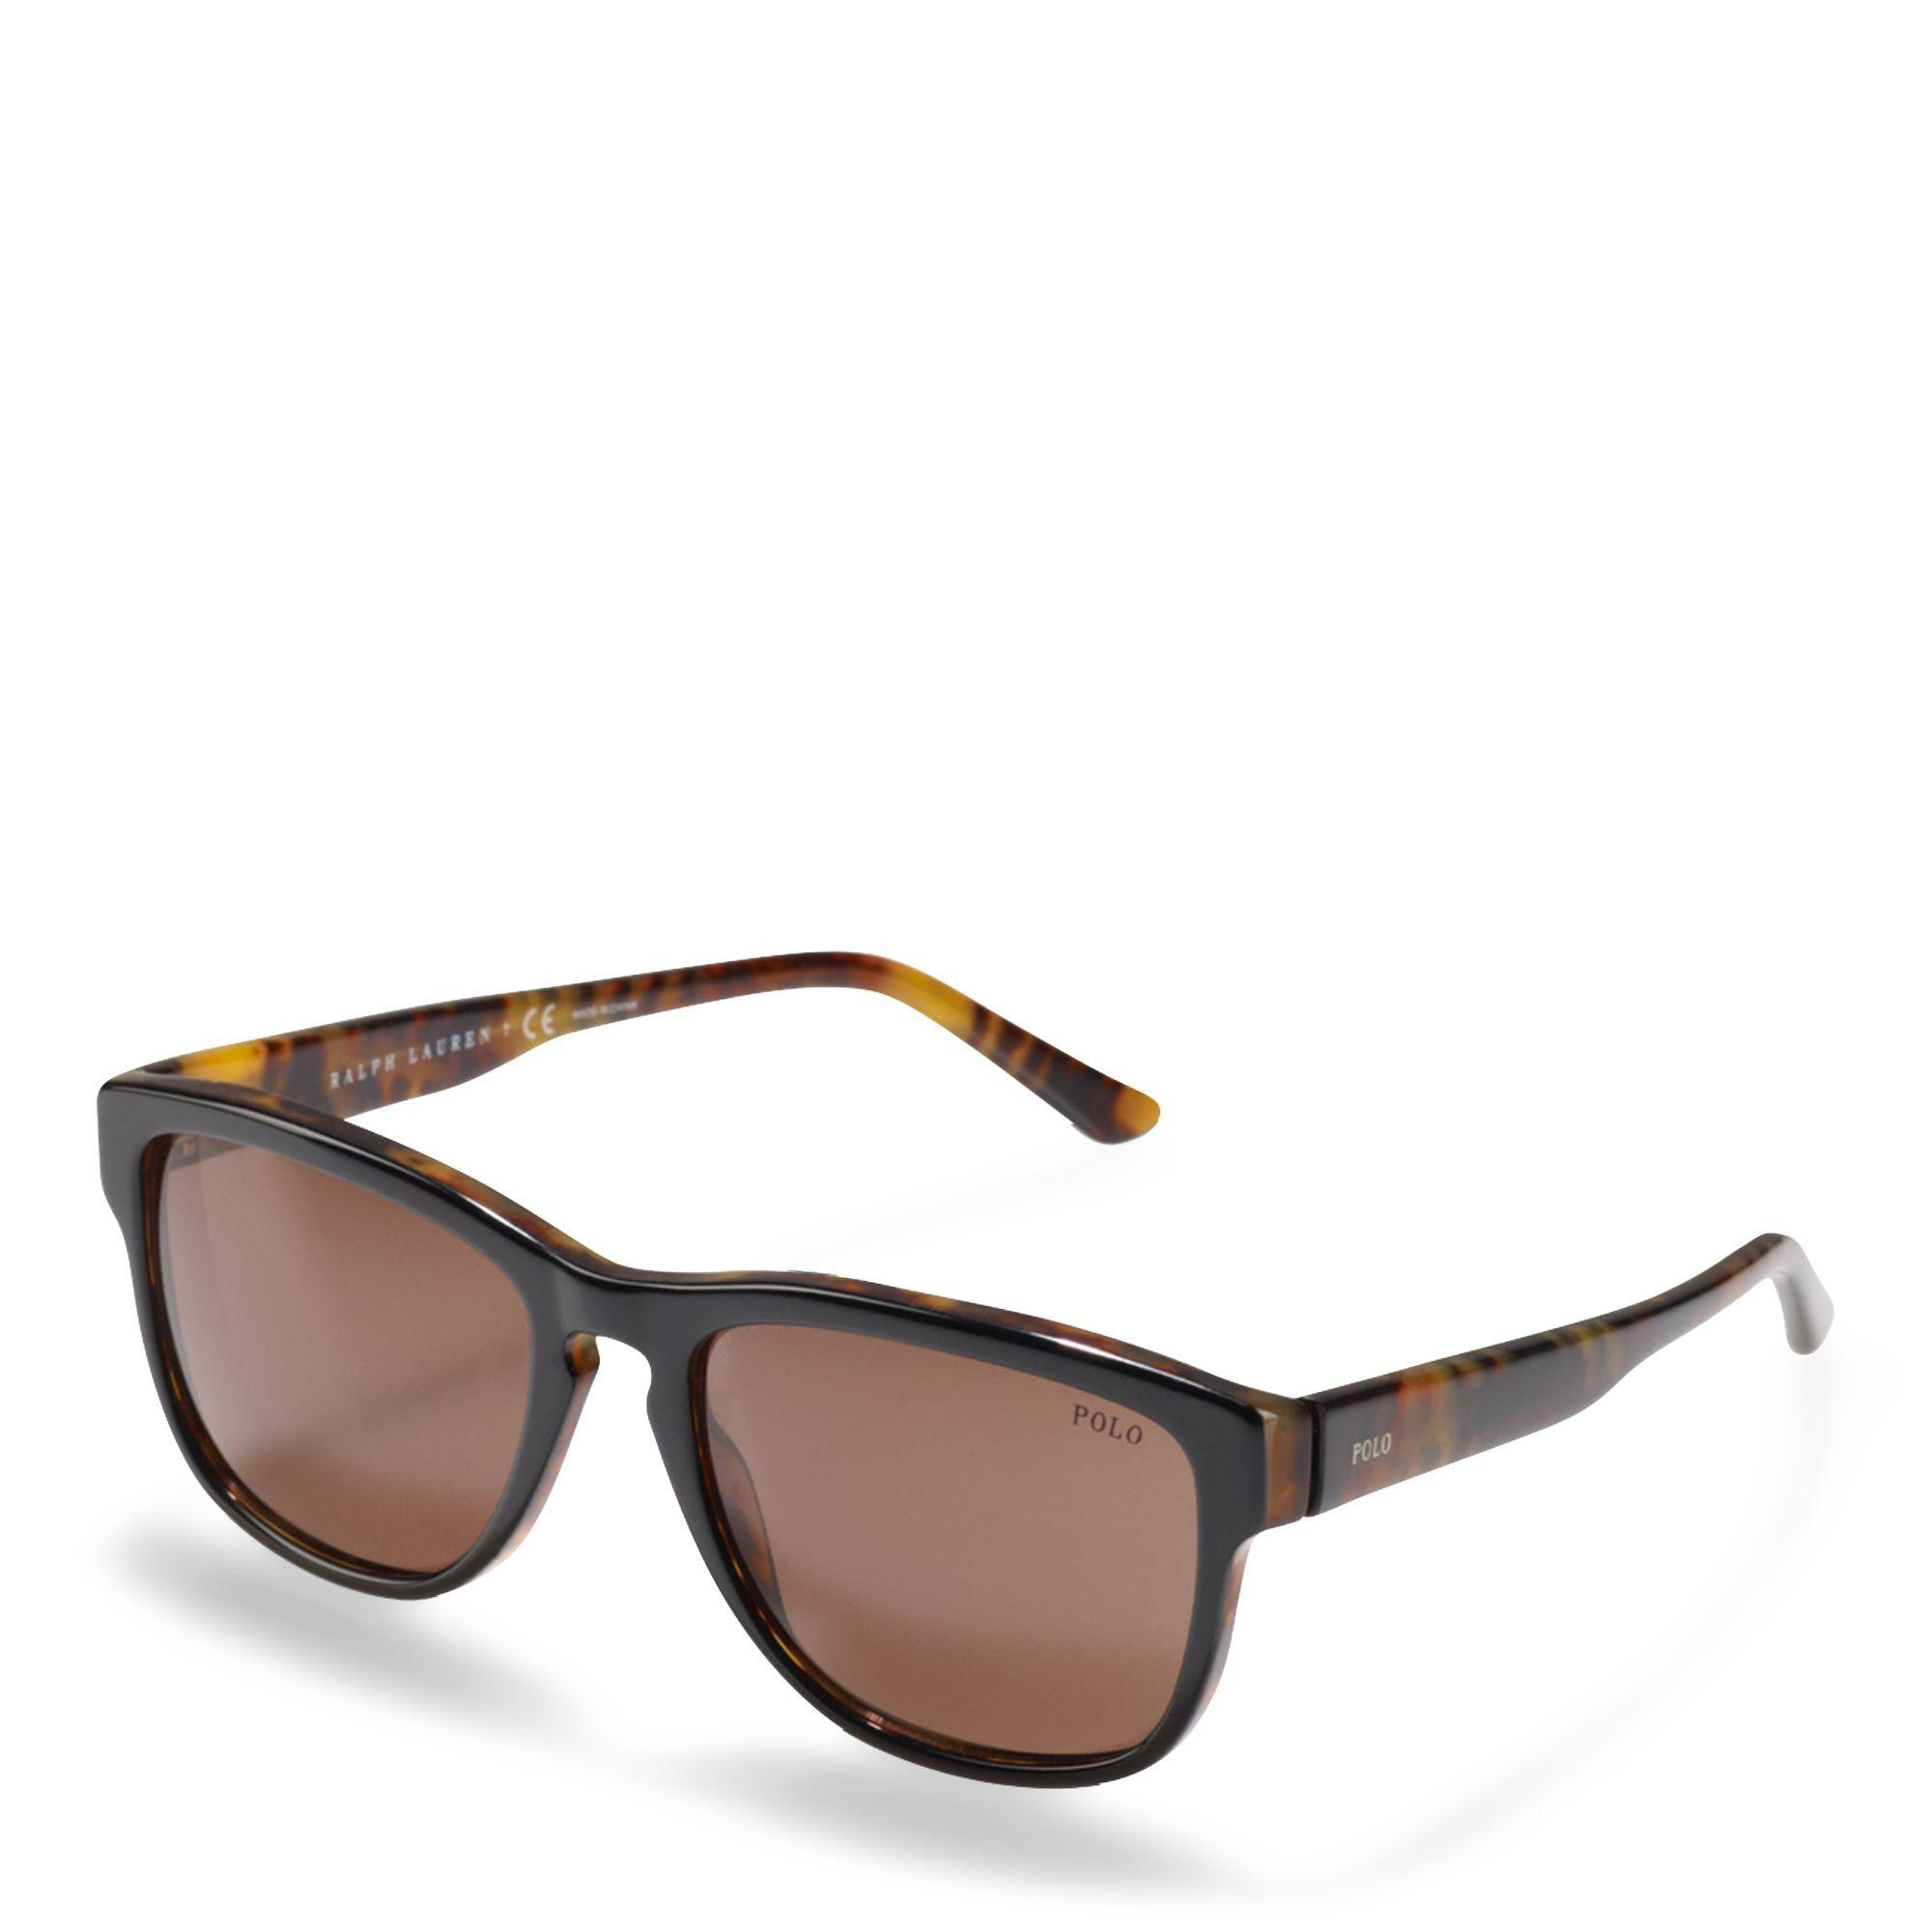 9ecdd79bddc8 Polo Ralph Lauren Retro Sunglasses Price in Egypt | Jumia ...